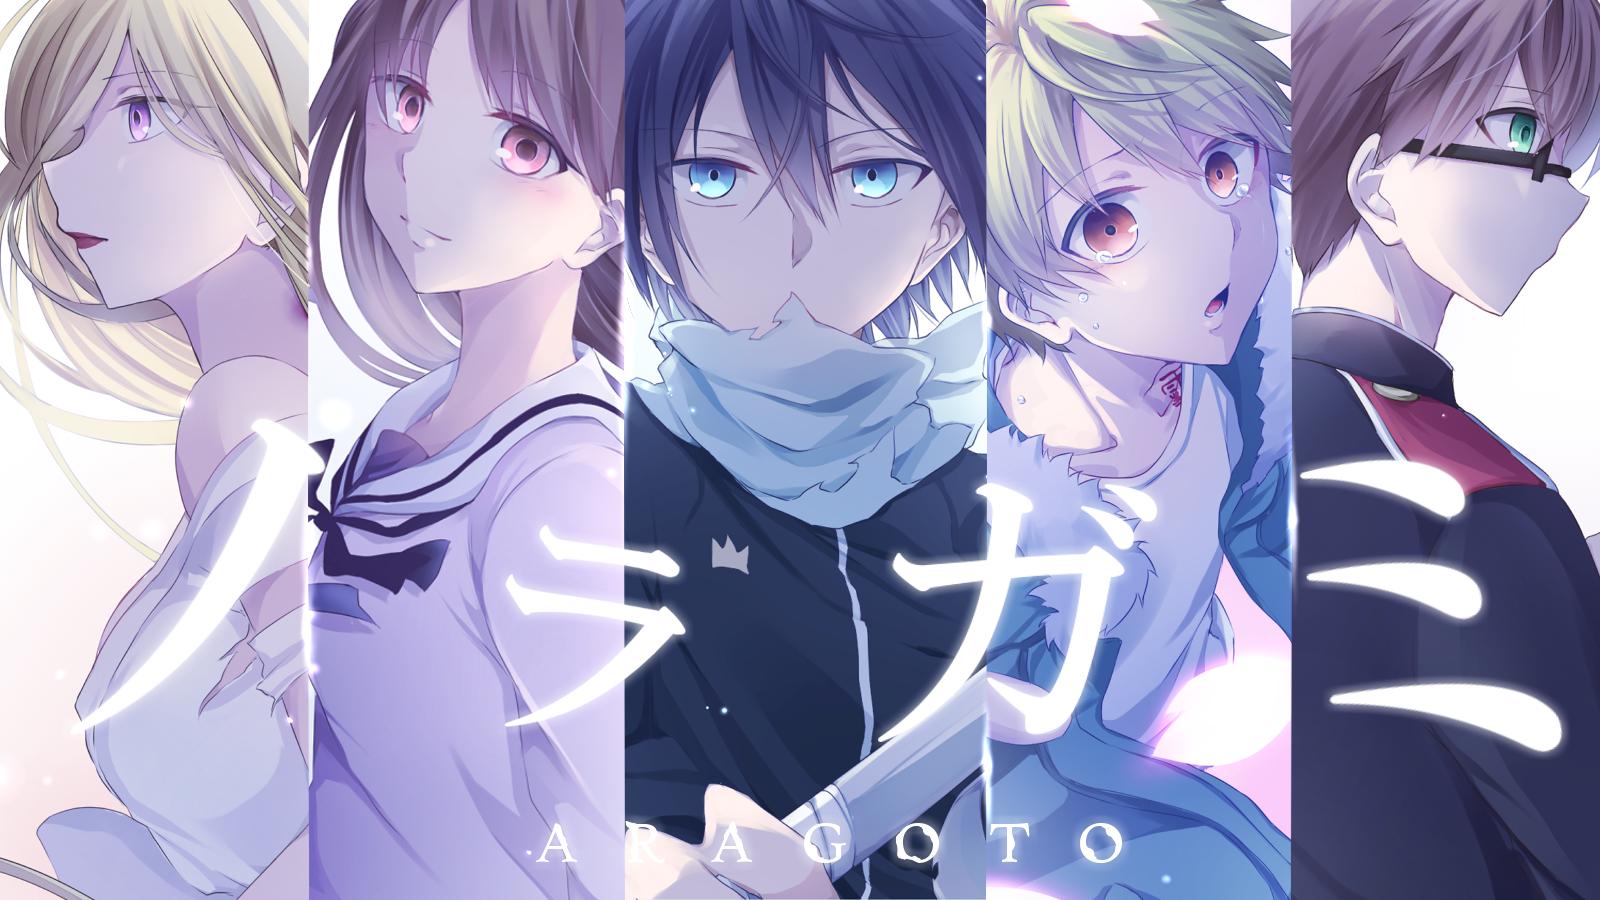 Anime Romance Action Terbaik Genres ActionComedyRomanceSupernaturalGodHarem Jumlah Episode 24 2 Season Rating 817